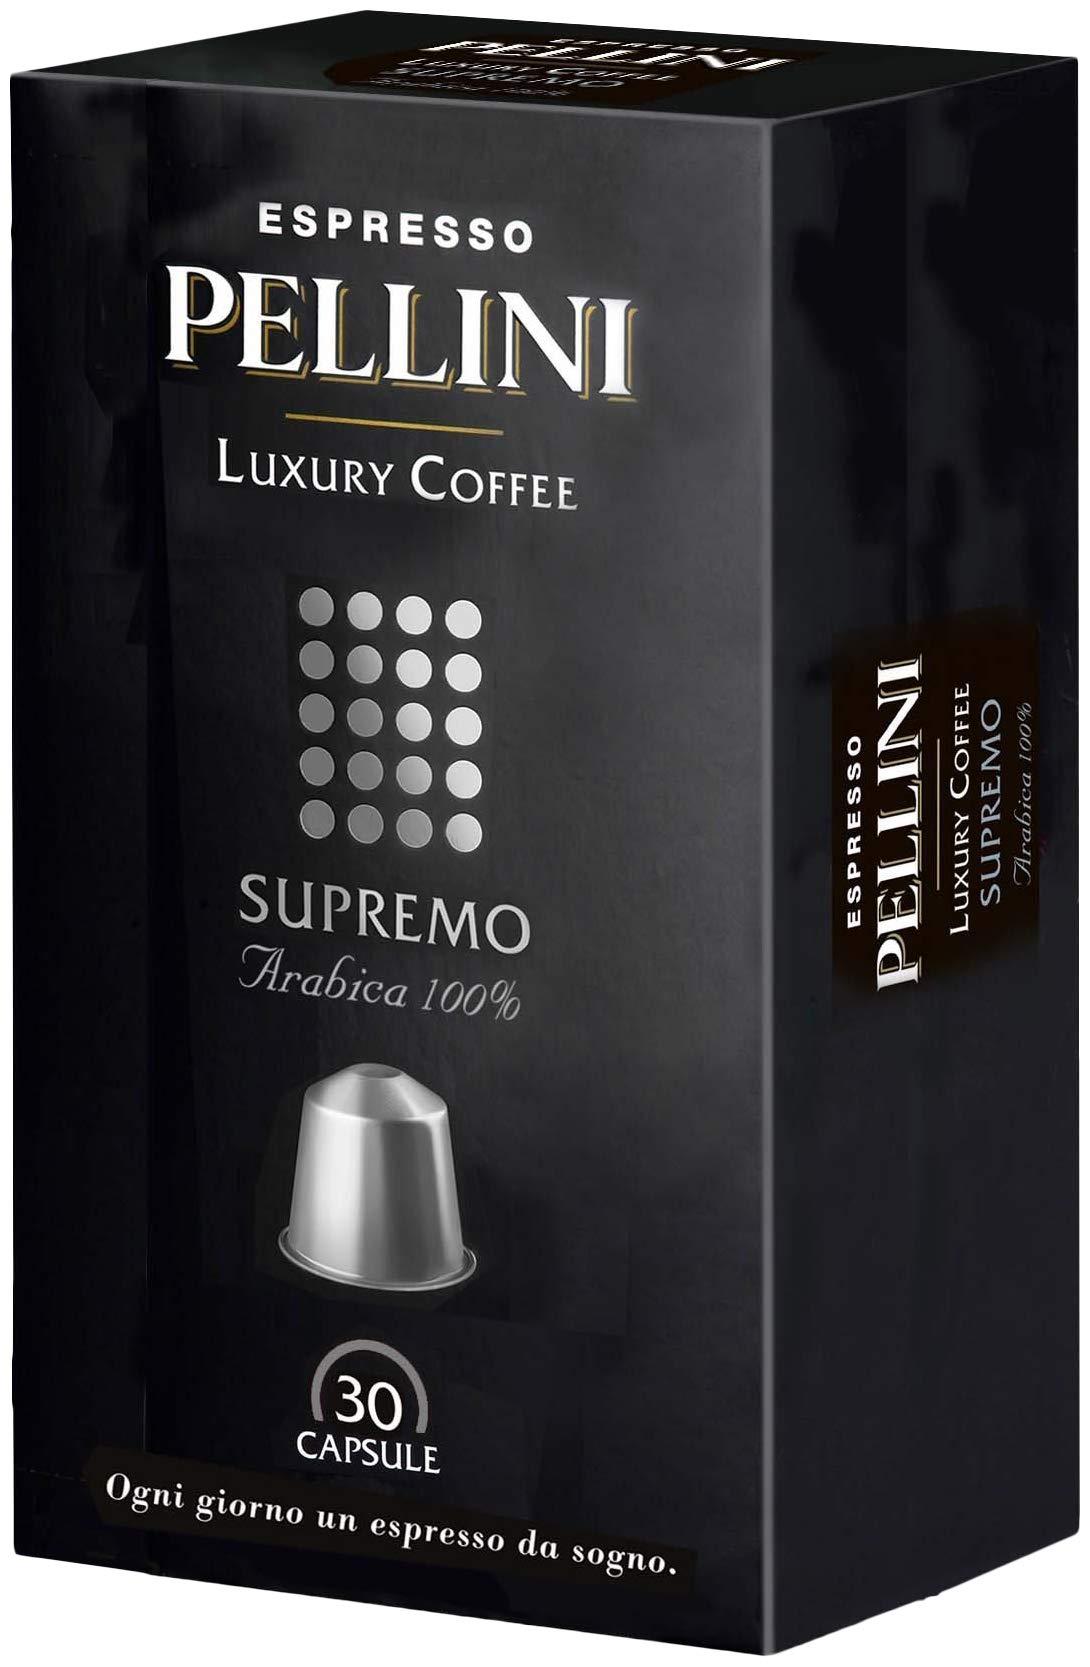 Pellini Caffè - Espresso Pellini Luxury Coffee Supremo (Astuccio da 30 Capsule), Compatibili Nespresso 1 spesavip